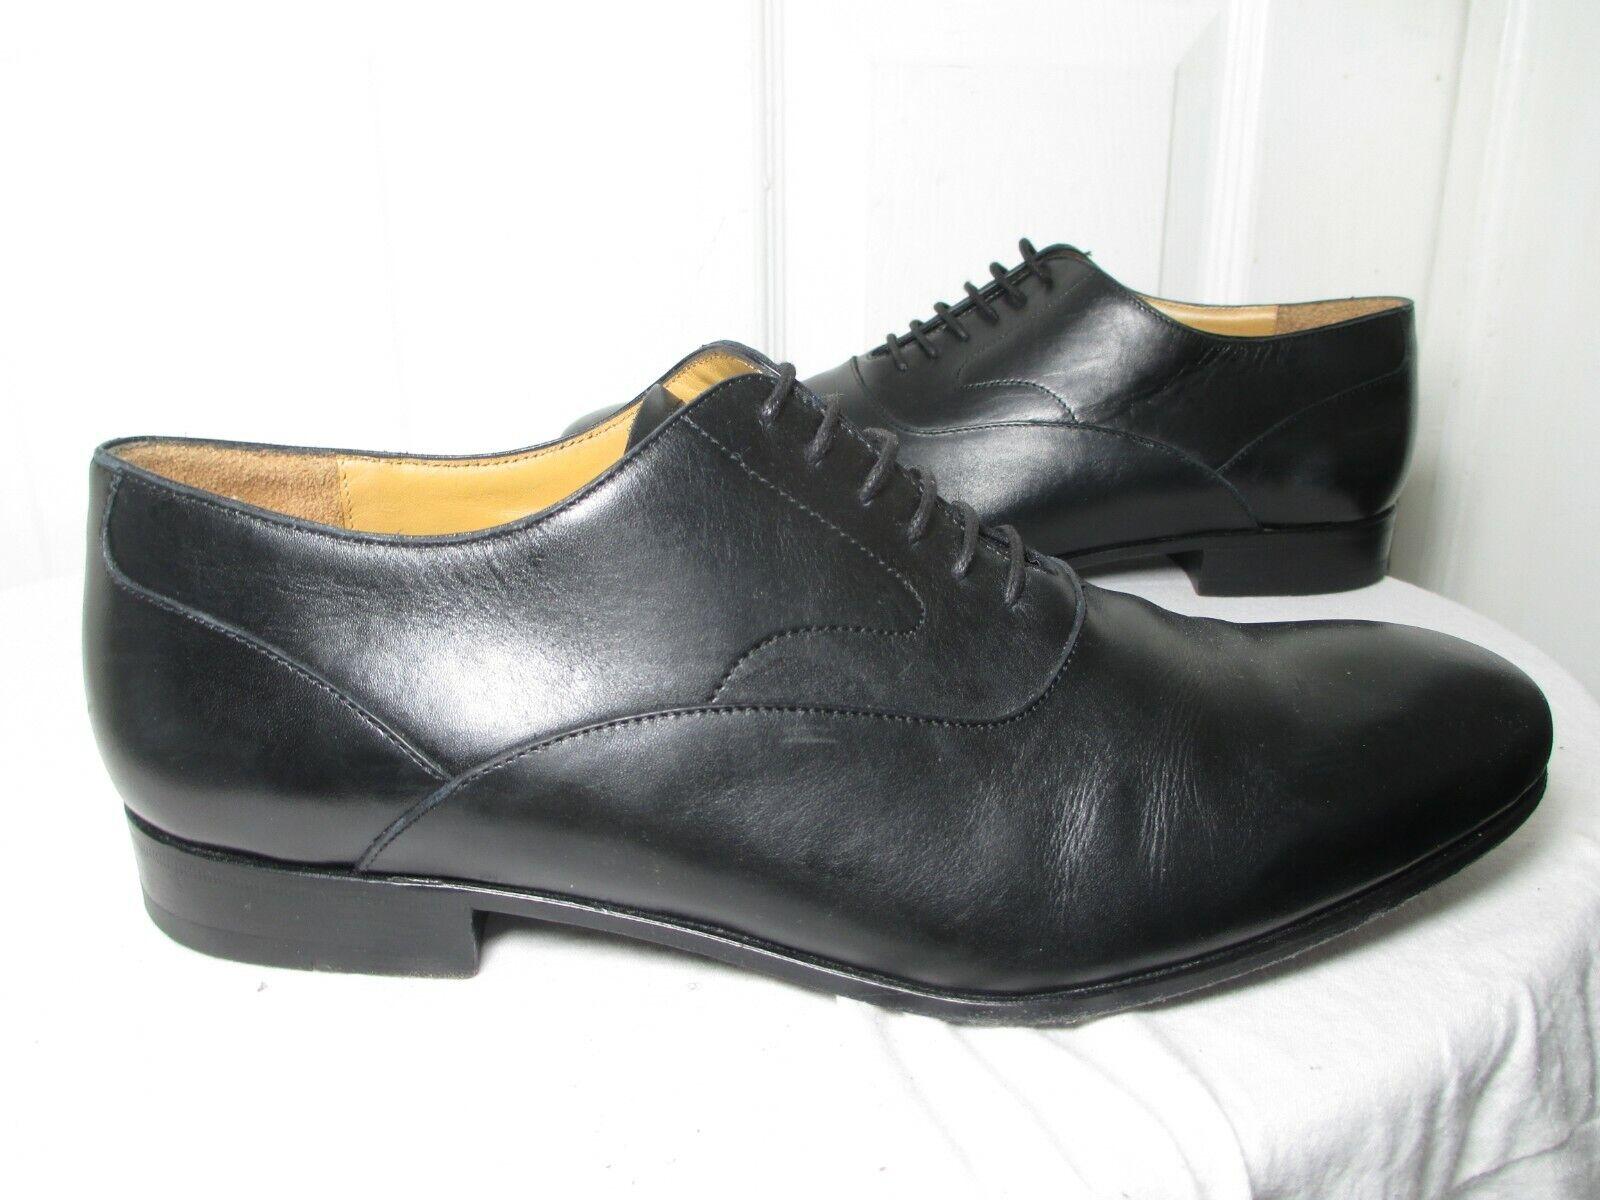 VALENTINO GARAVANI MEN'S nero LEATHER CLASSIC OXFORD scarpe 44 US 11  1045